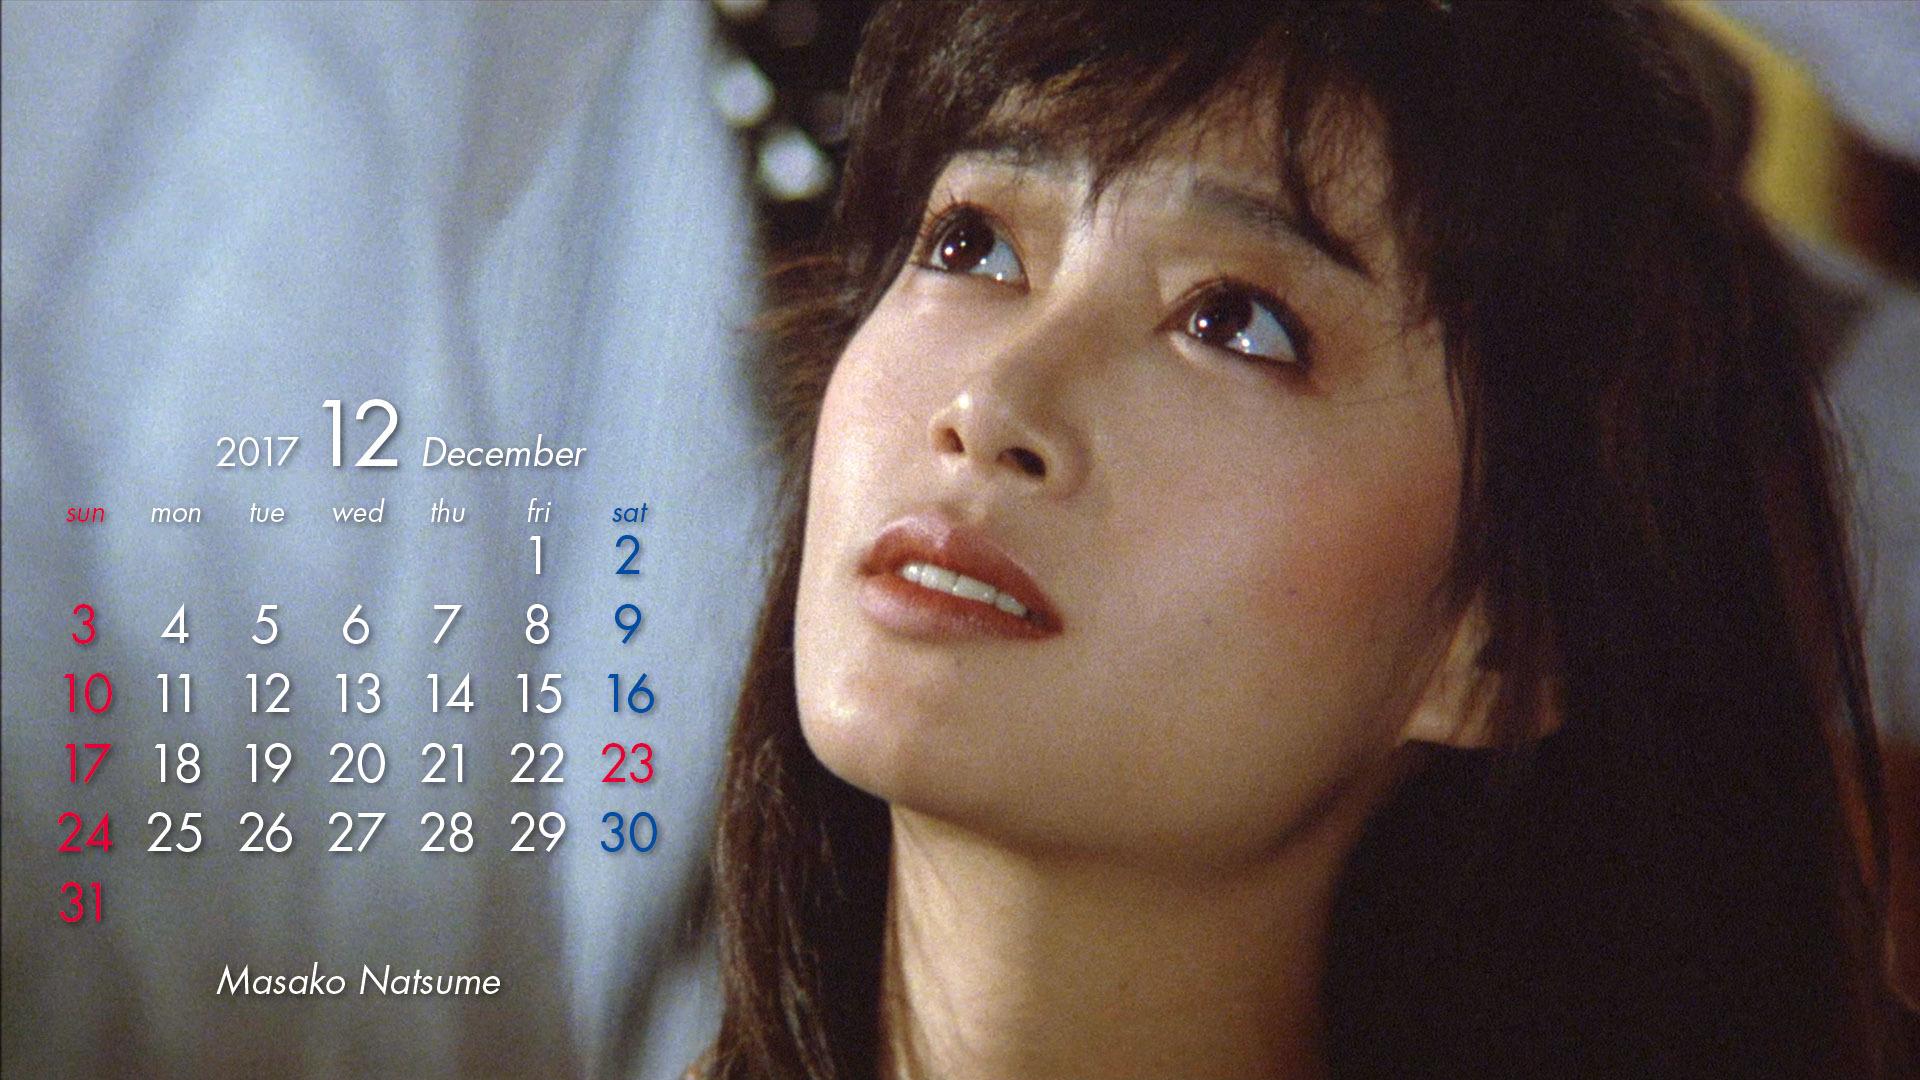 images Masako Natsume